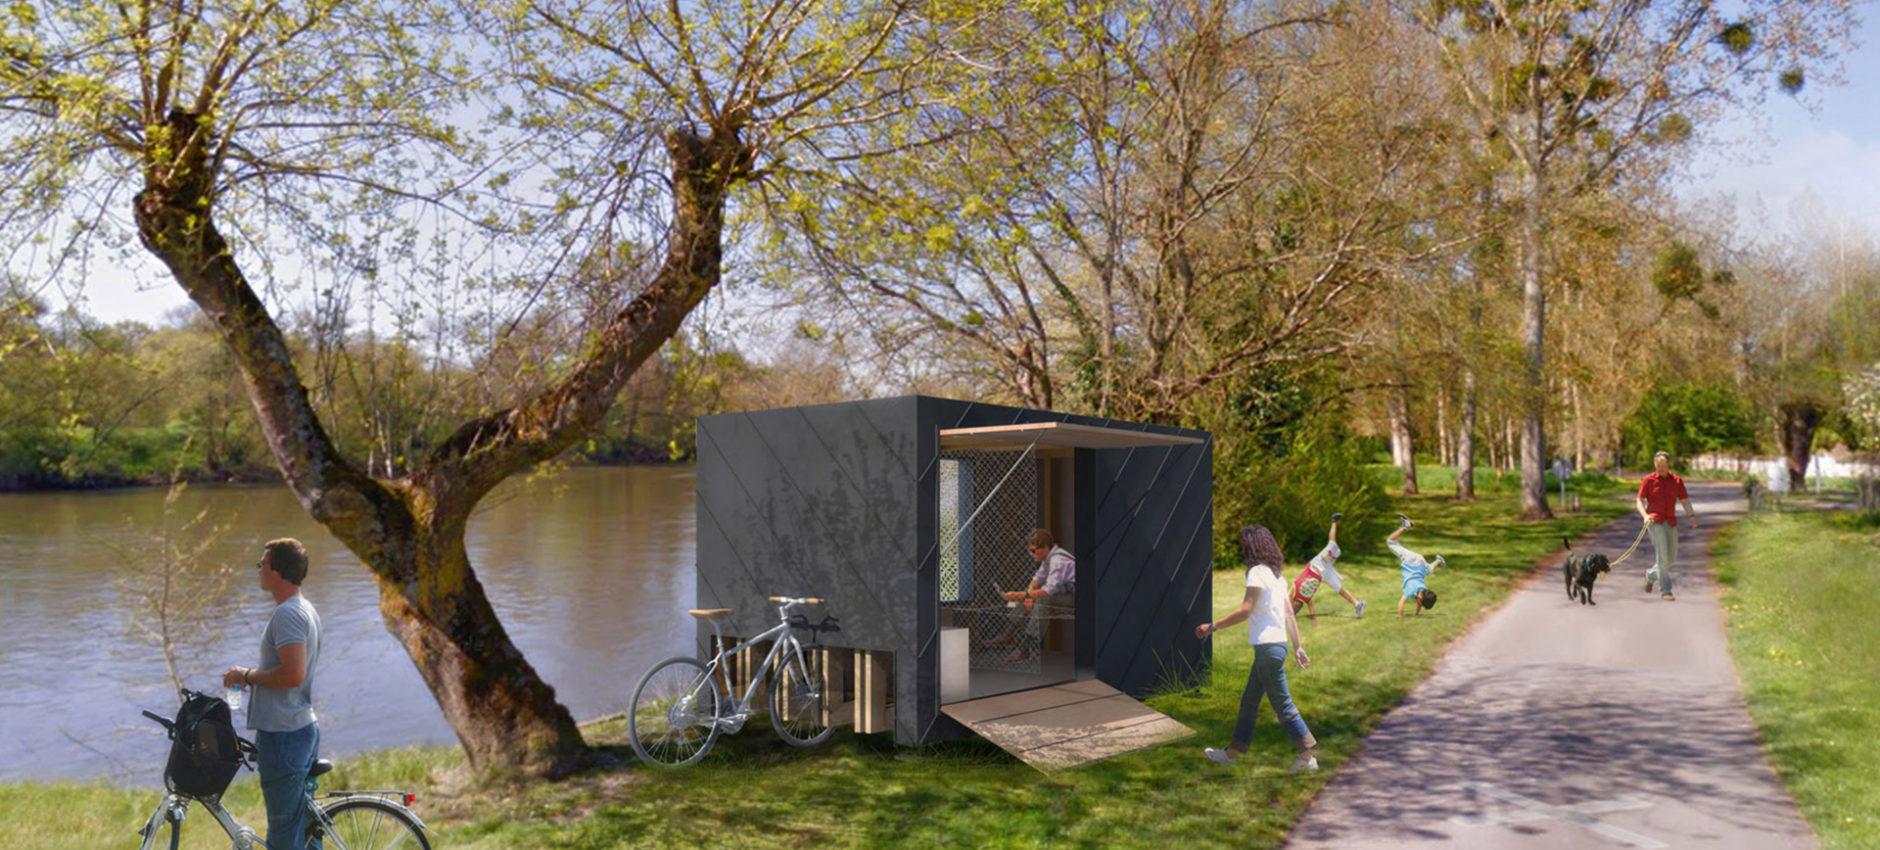 boca_architecture_concours_loire_loges_01.jpg